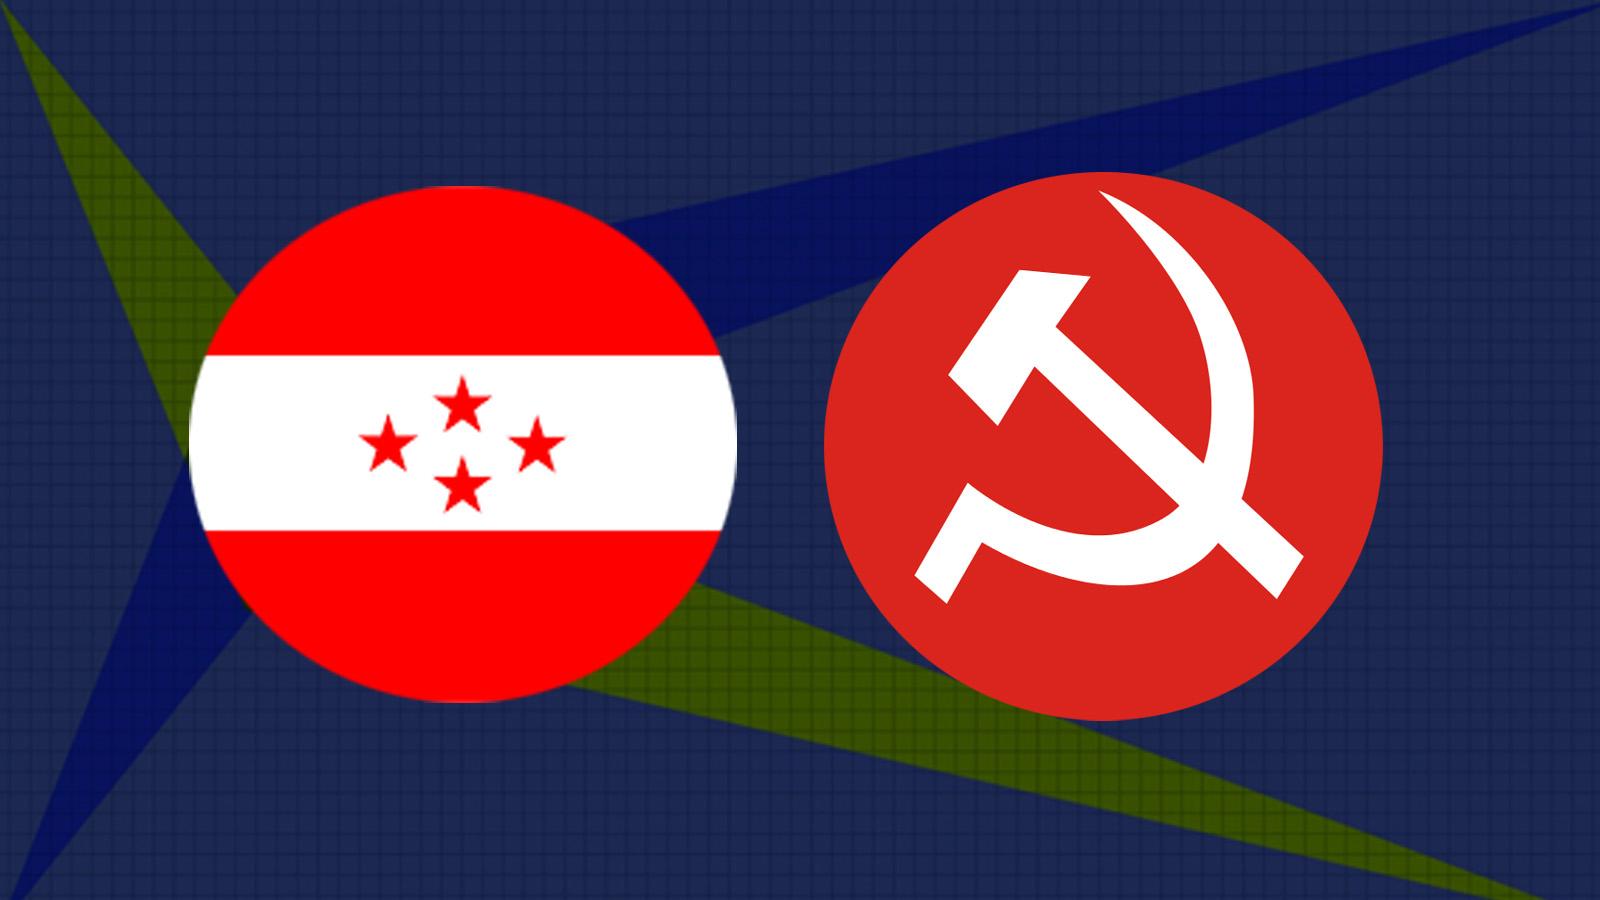 प्रधानमन्त्रीको कदम असफल वनाउन कांग्रेस– माओवादी वैठक जारी